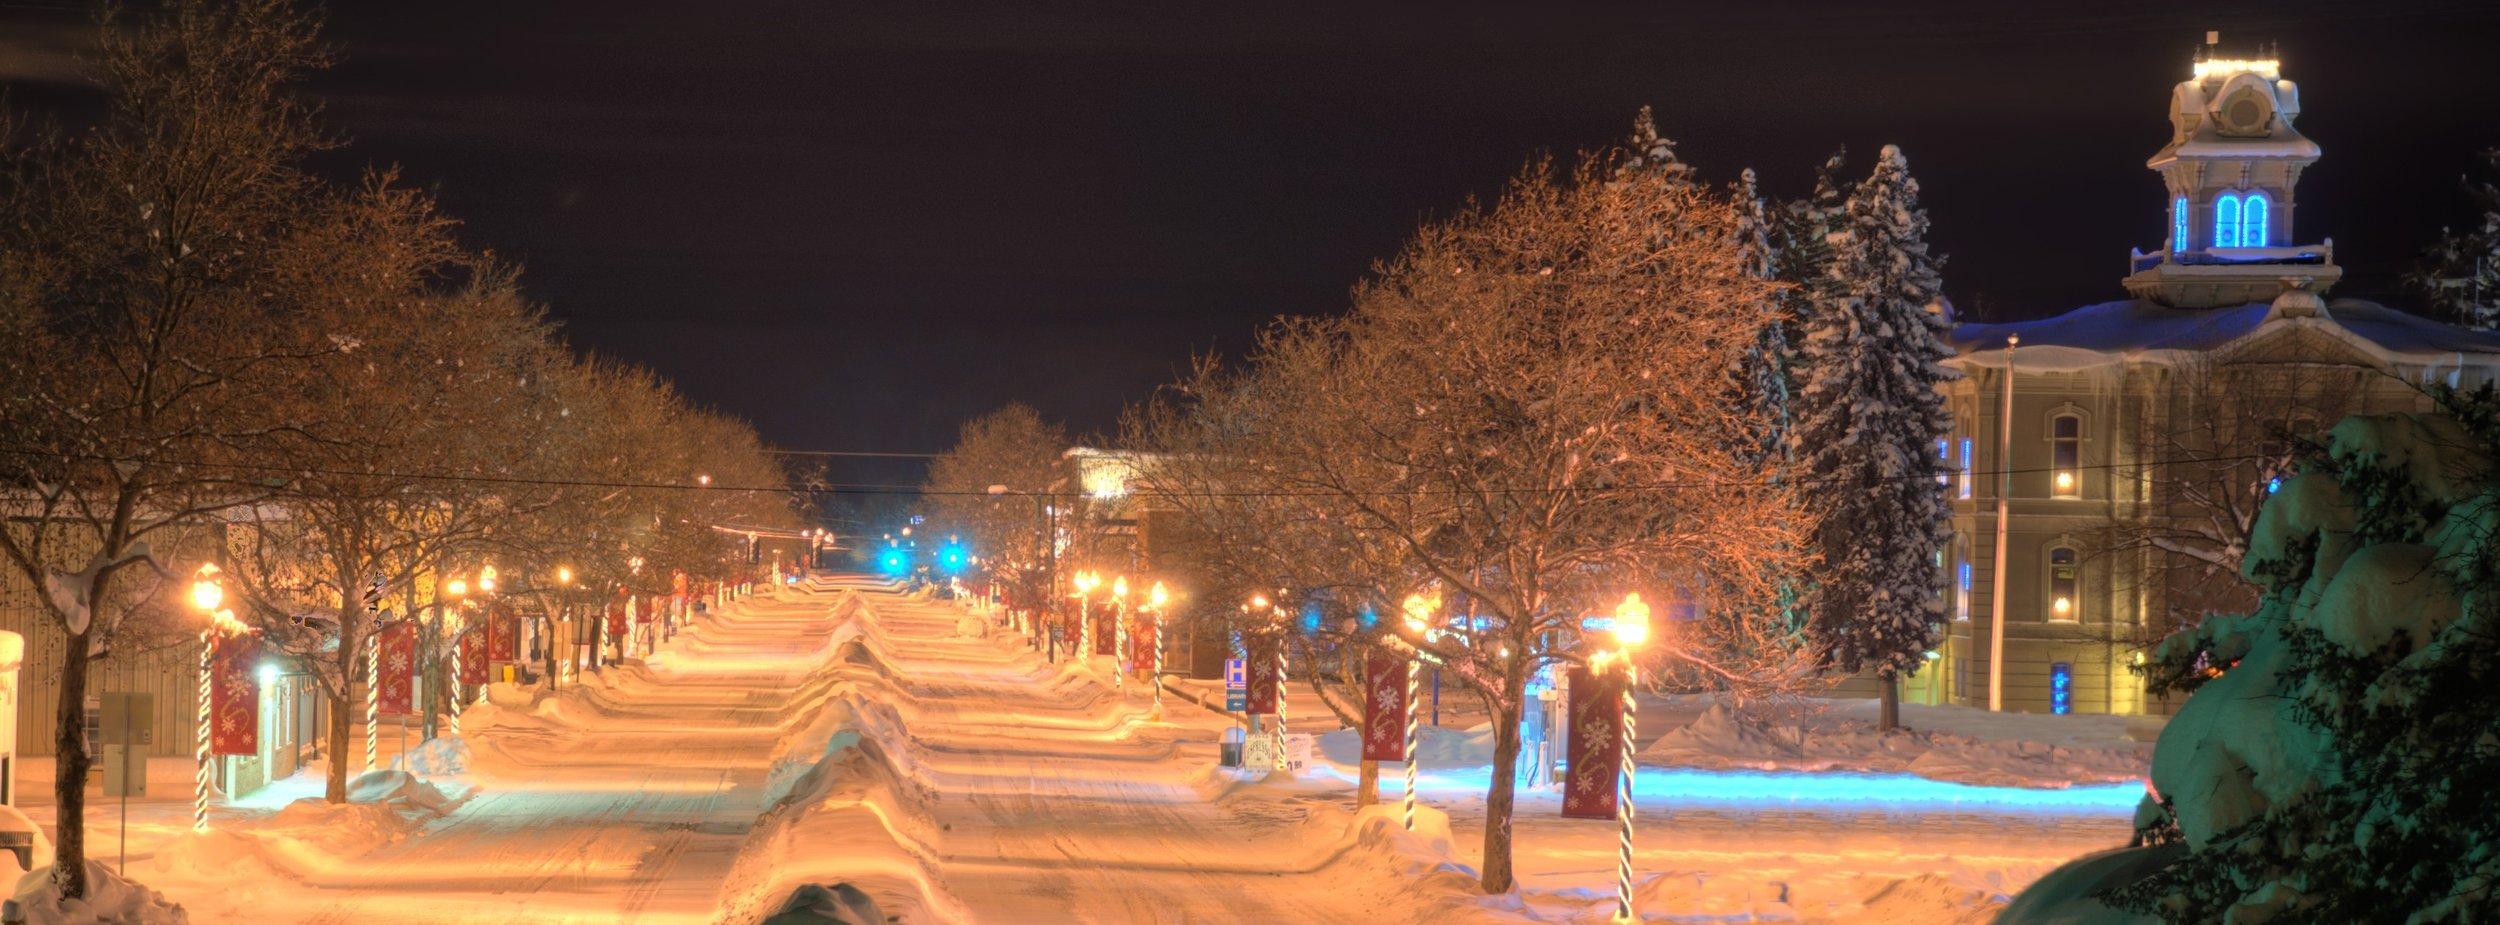 Dayton night snow 01.jpg